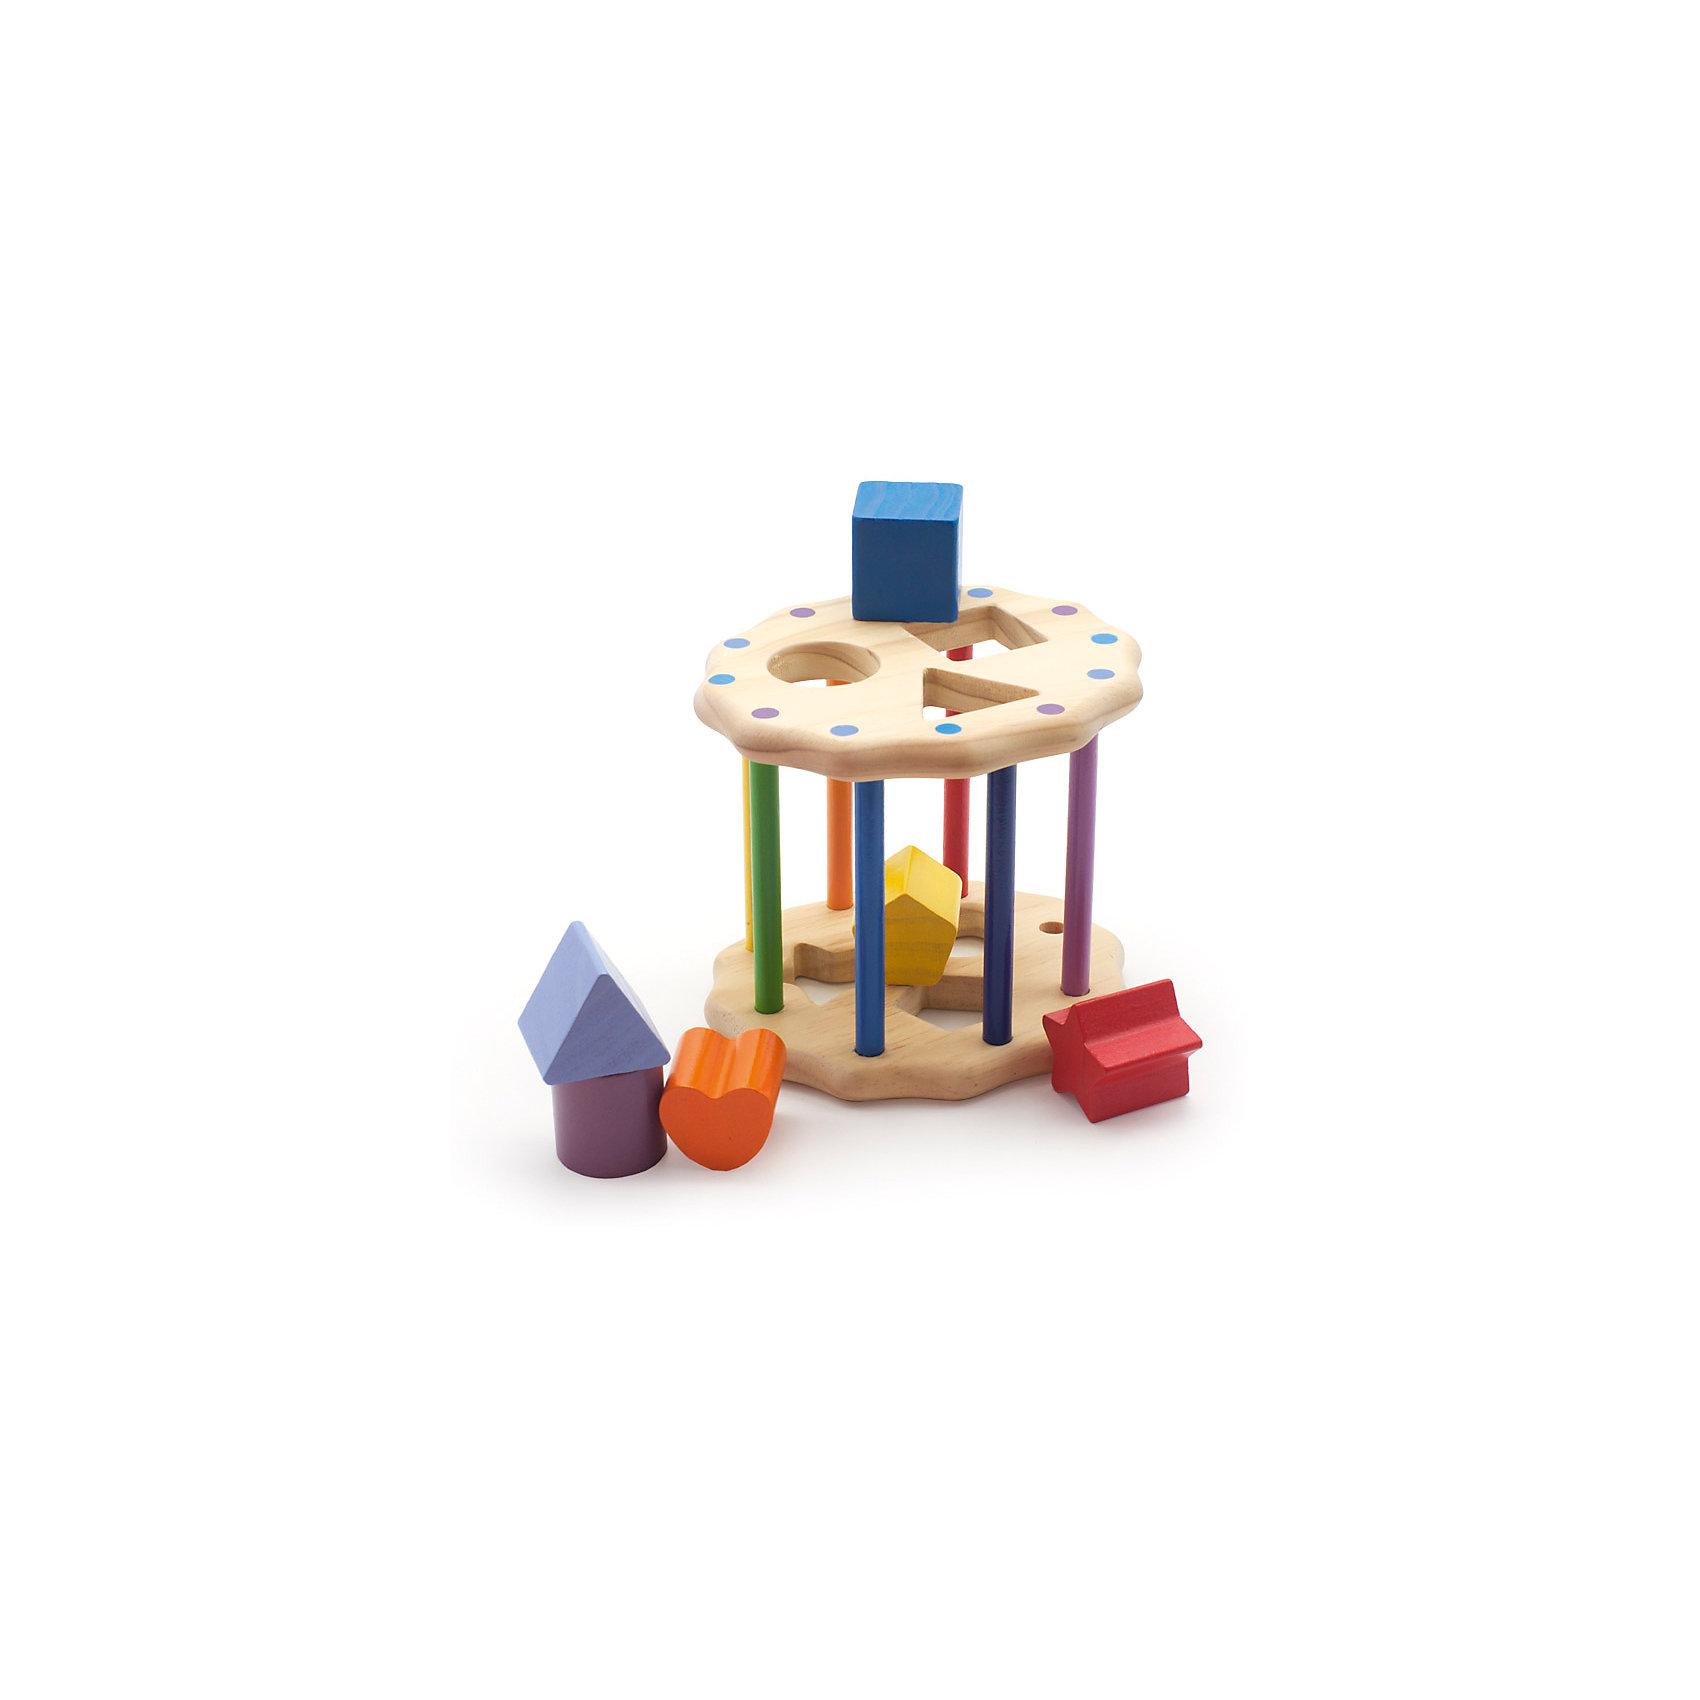 Занимательный цилиндр, Мир деревянных игрушекЗанимательный цилиндр - оригинальная игрушка - сортер, изготовленная из натурального дерева, с применением экологичных, безопасных для детей красителей.<br>Игрушка - сортер Занимательный цилиндр поможет малышам развить моторику рук, усидчивость, внимание, пространственное мышление; познакомит кроху с различными цветами и формами.<br><br>Дополнительная информация:<br><br>- Возраст: от 1 года до 3 лет. <br>- Материал: дерево. <br>- Размер игрушки: 17х16,5х14 см. <br>- Чтобы достать фигурки, нужно выдвинуть штырек.<br><br>Игрушку Занимательный цилиндр можно купить в нашем магазине.<br><br>Ширина мм: 170<br>Глубина мм: 165<br>Высота мм: 140<br>Вес г: 545<br>Возраст от месяцев: 36<br>Возраст до месяцев: 2147483647<br>Пол: Унисекс<br>Возраст: Детский<br>SKU: 4895903